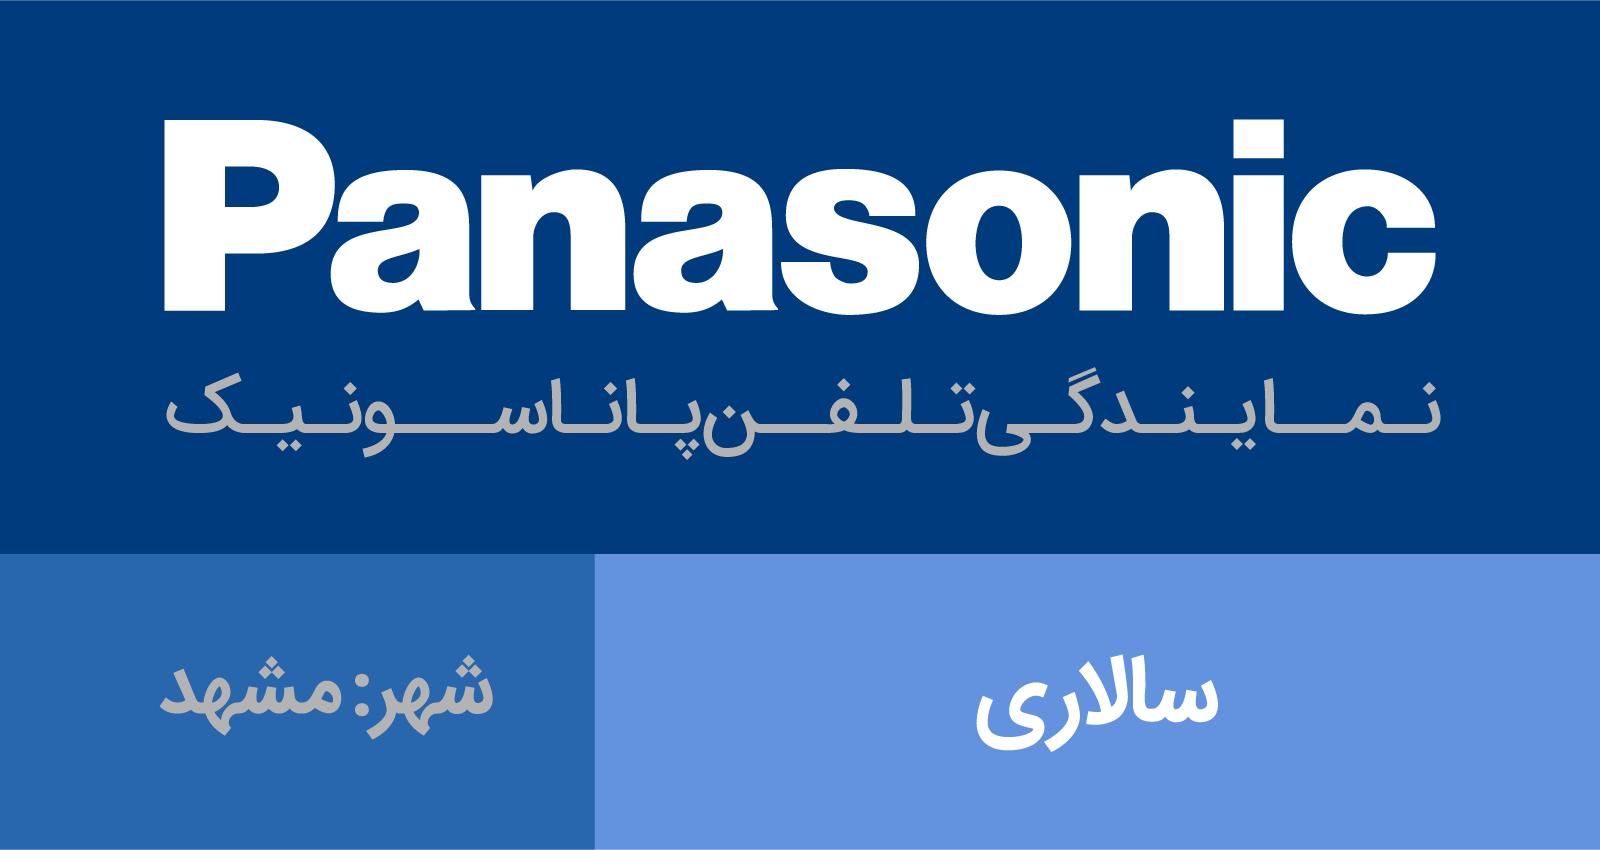 نمایندگی پاناسونیک مشهد - سالاری